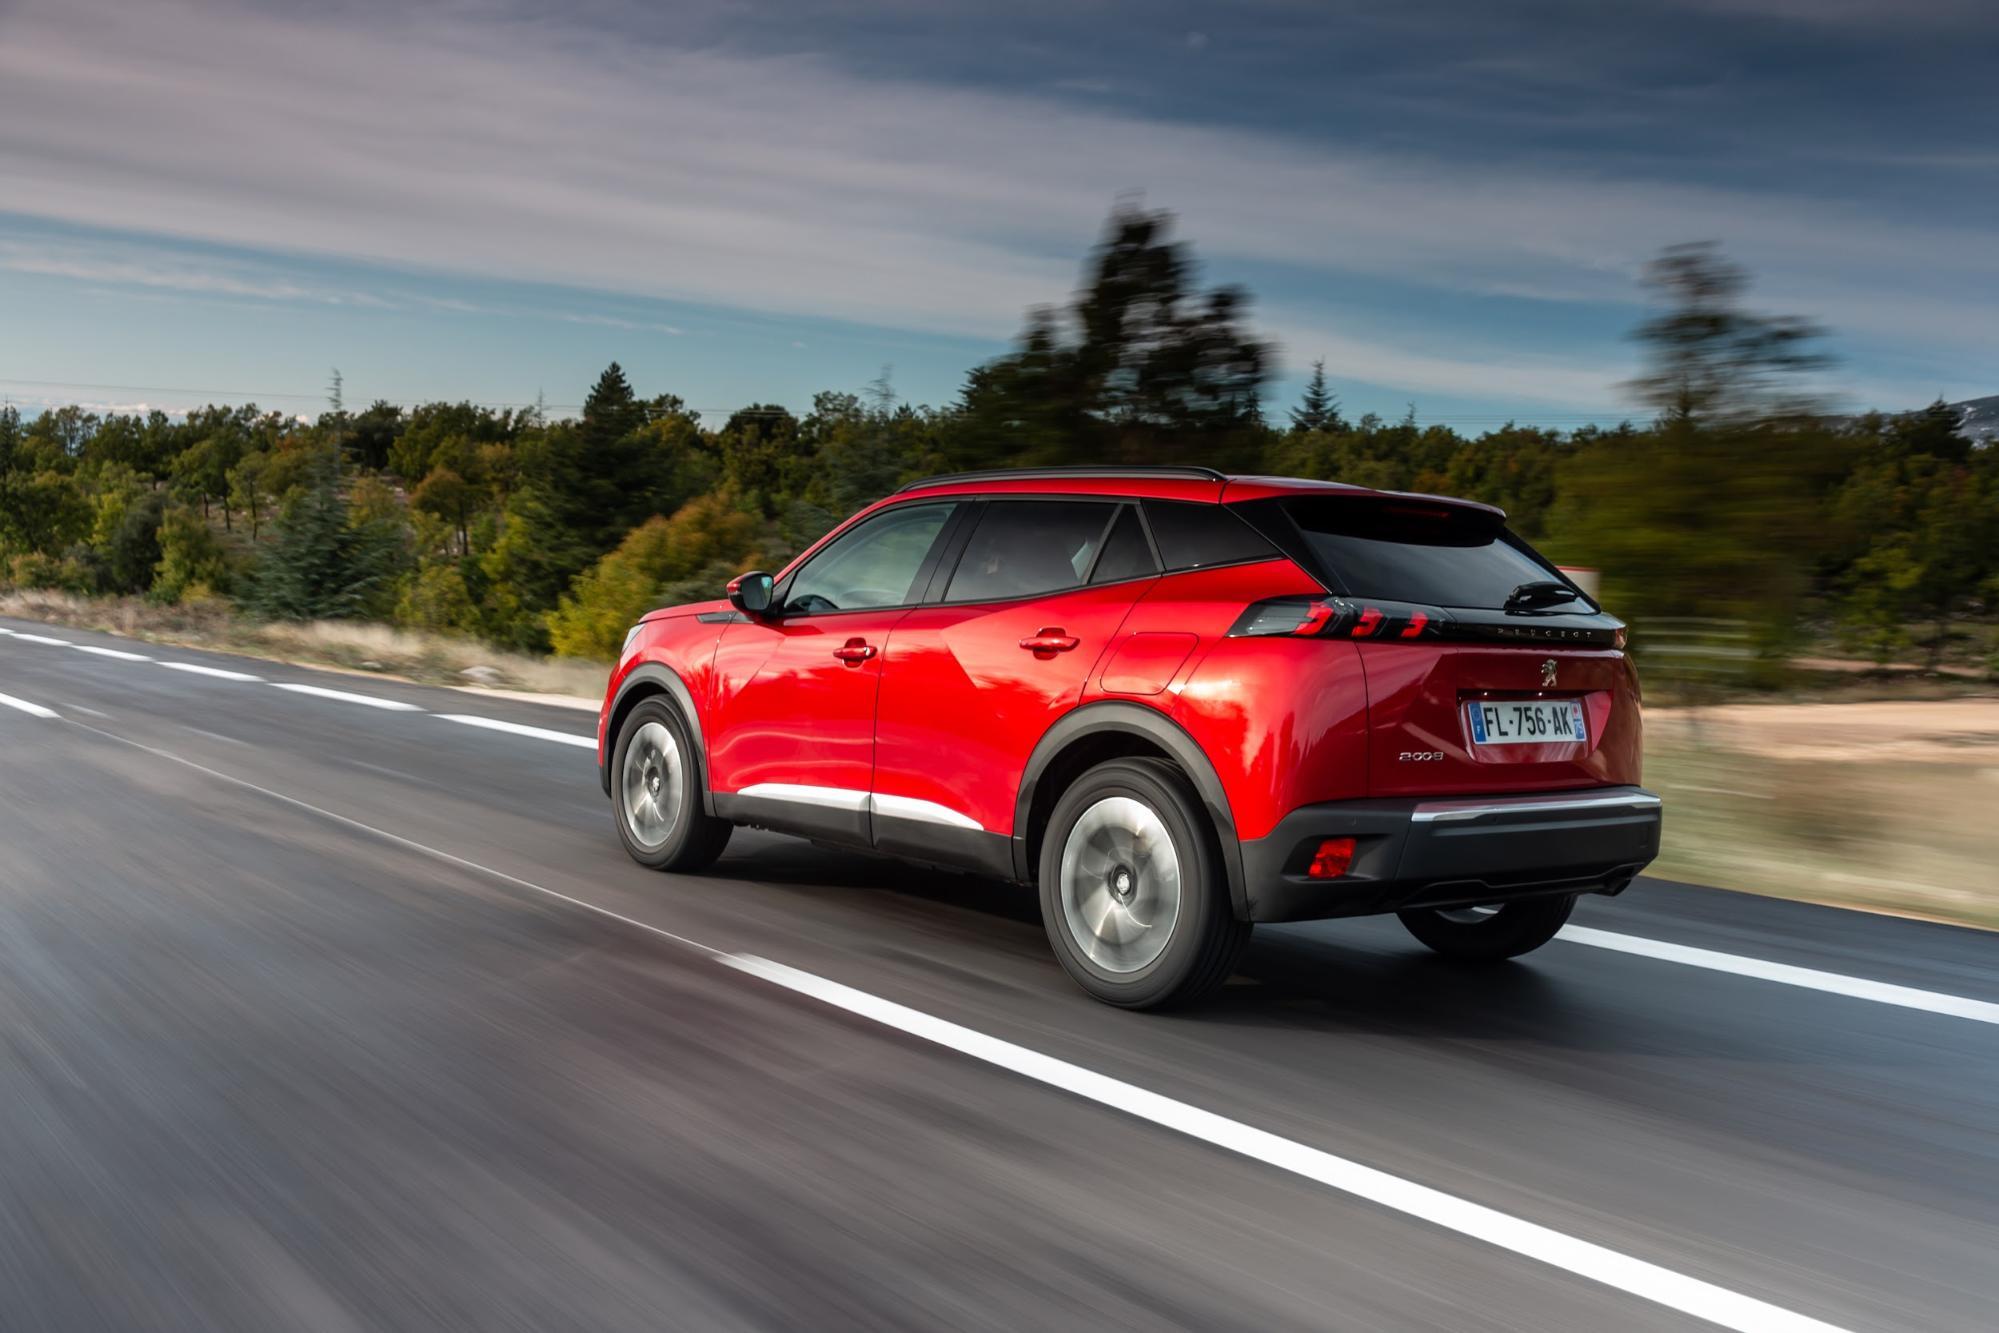 Peugeot 2008 : essai, prix, date de sortie et fiche technique